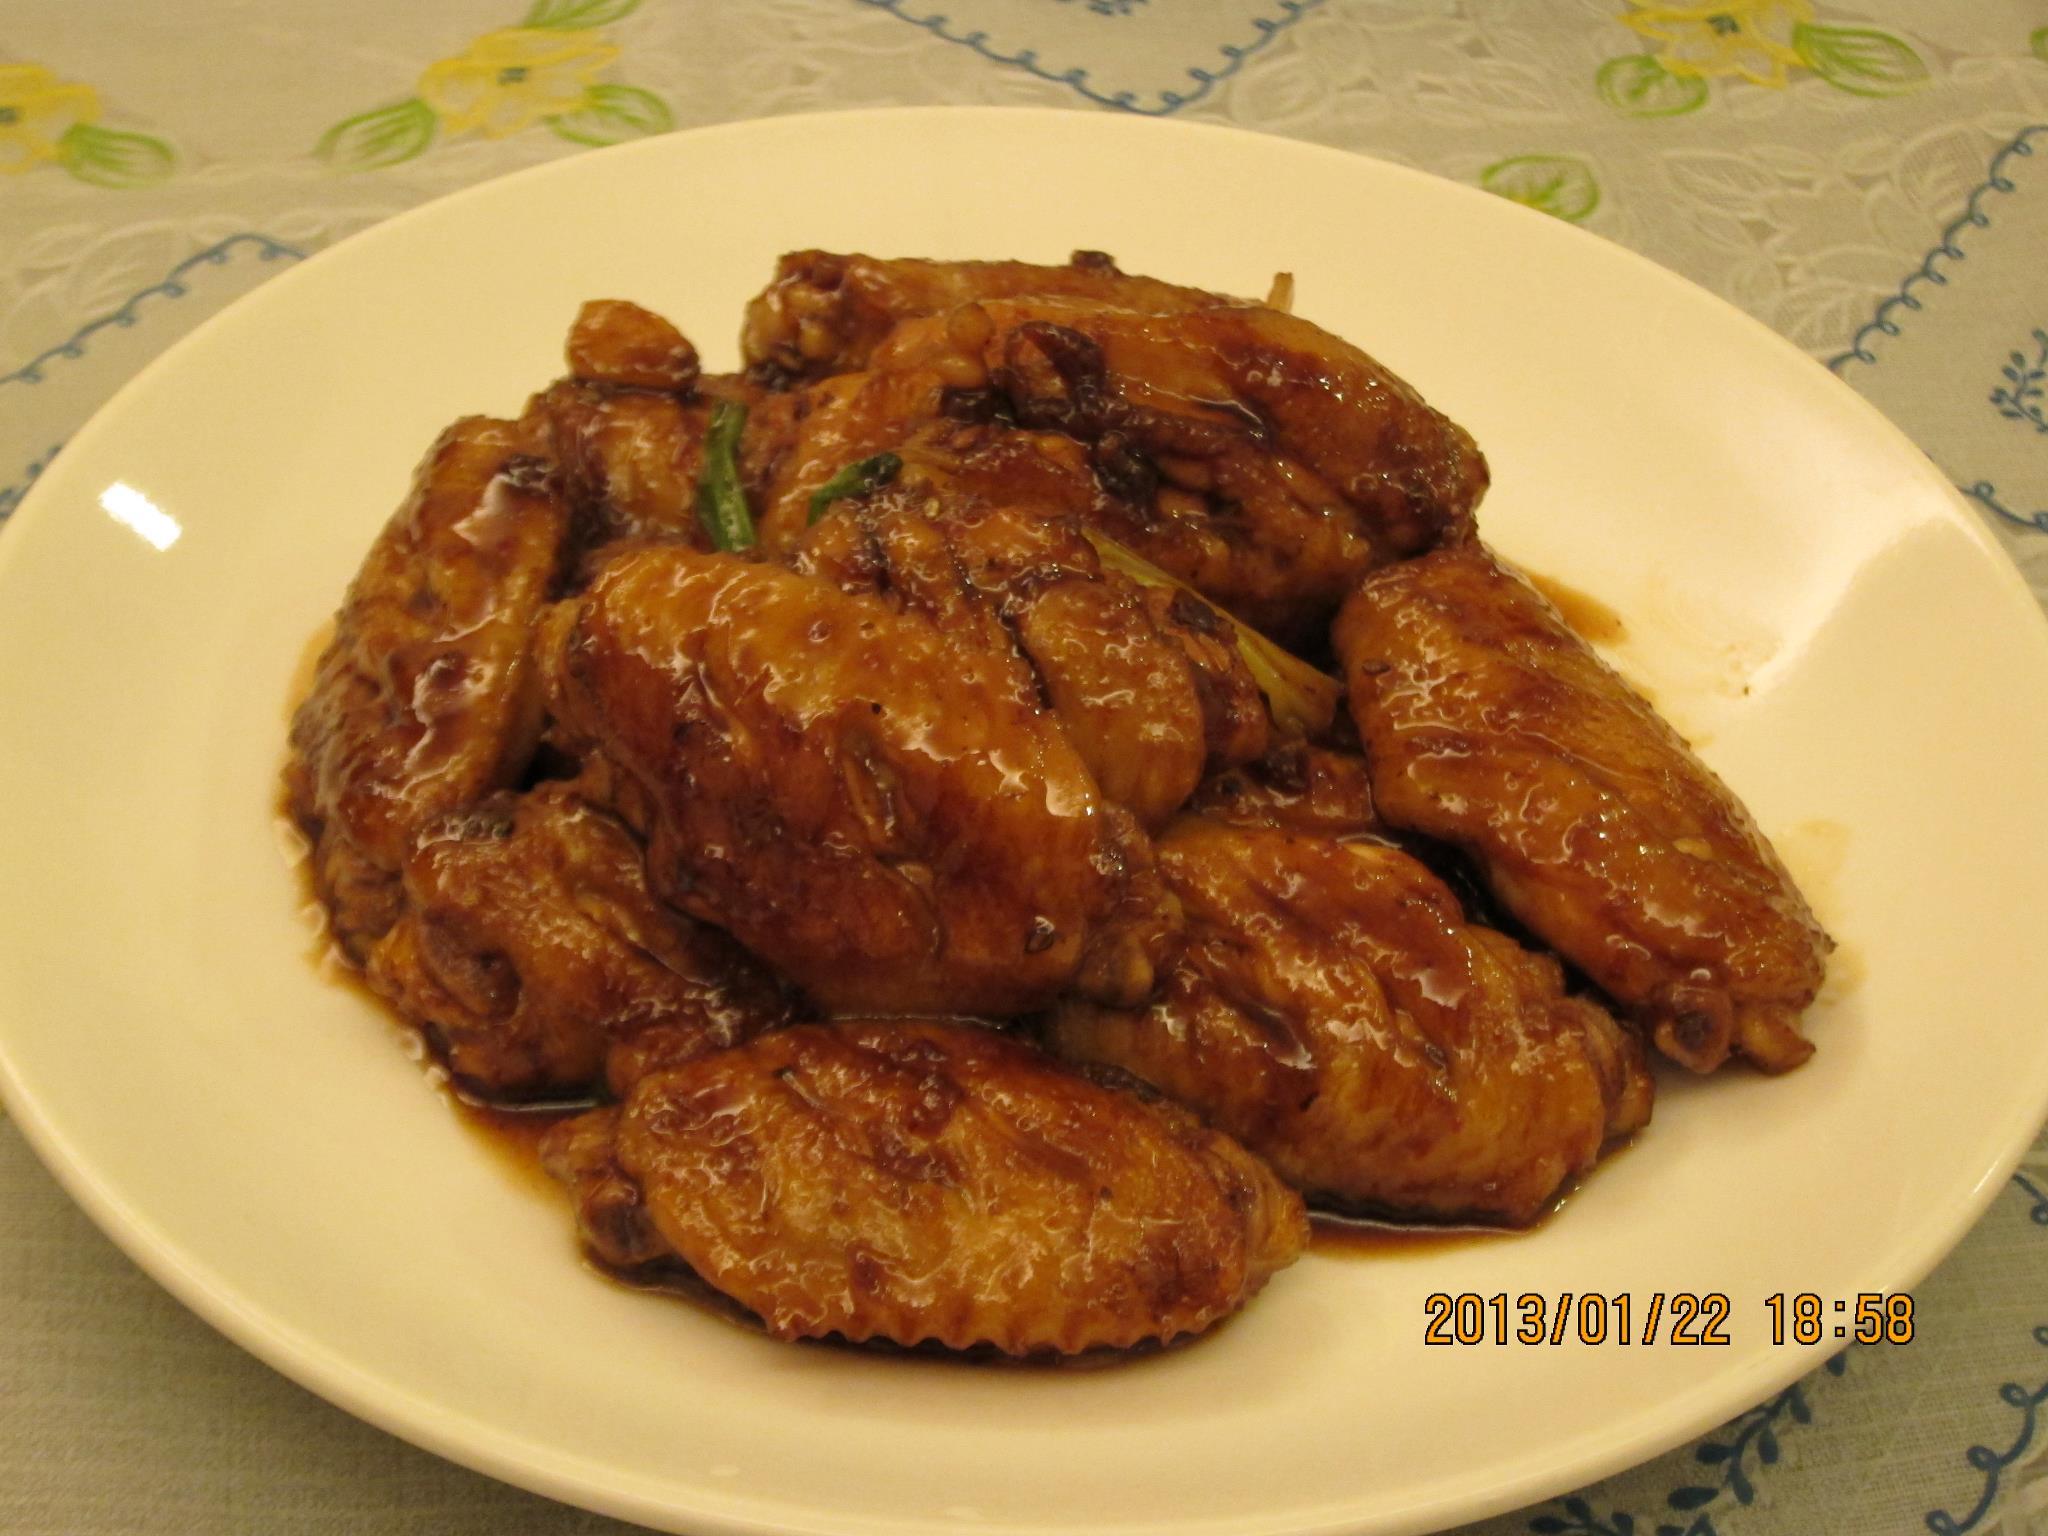 可樂雞翅 | Swap A Dish 換換菜煮婦聯盟